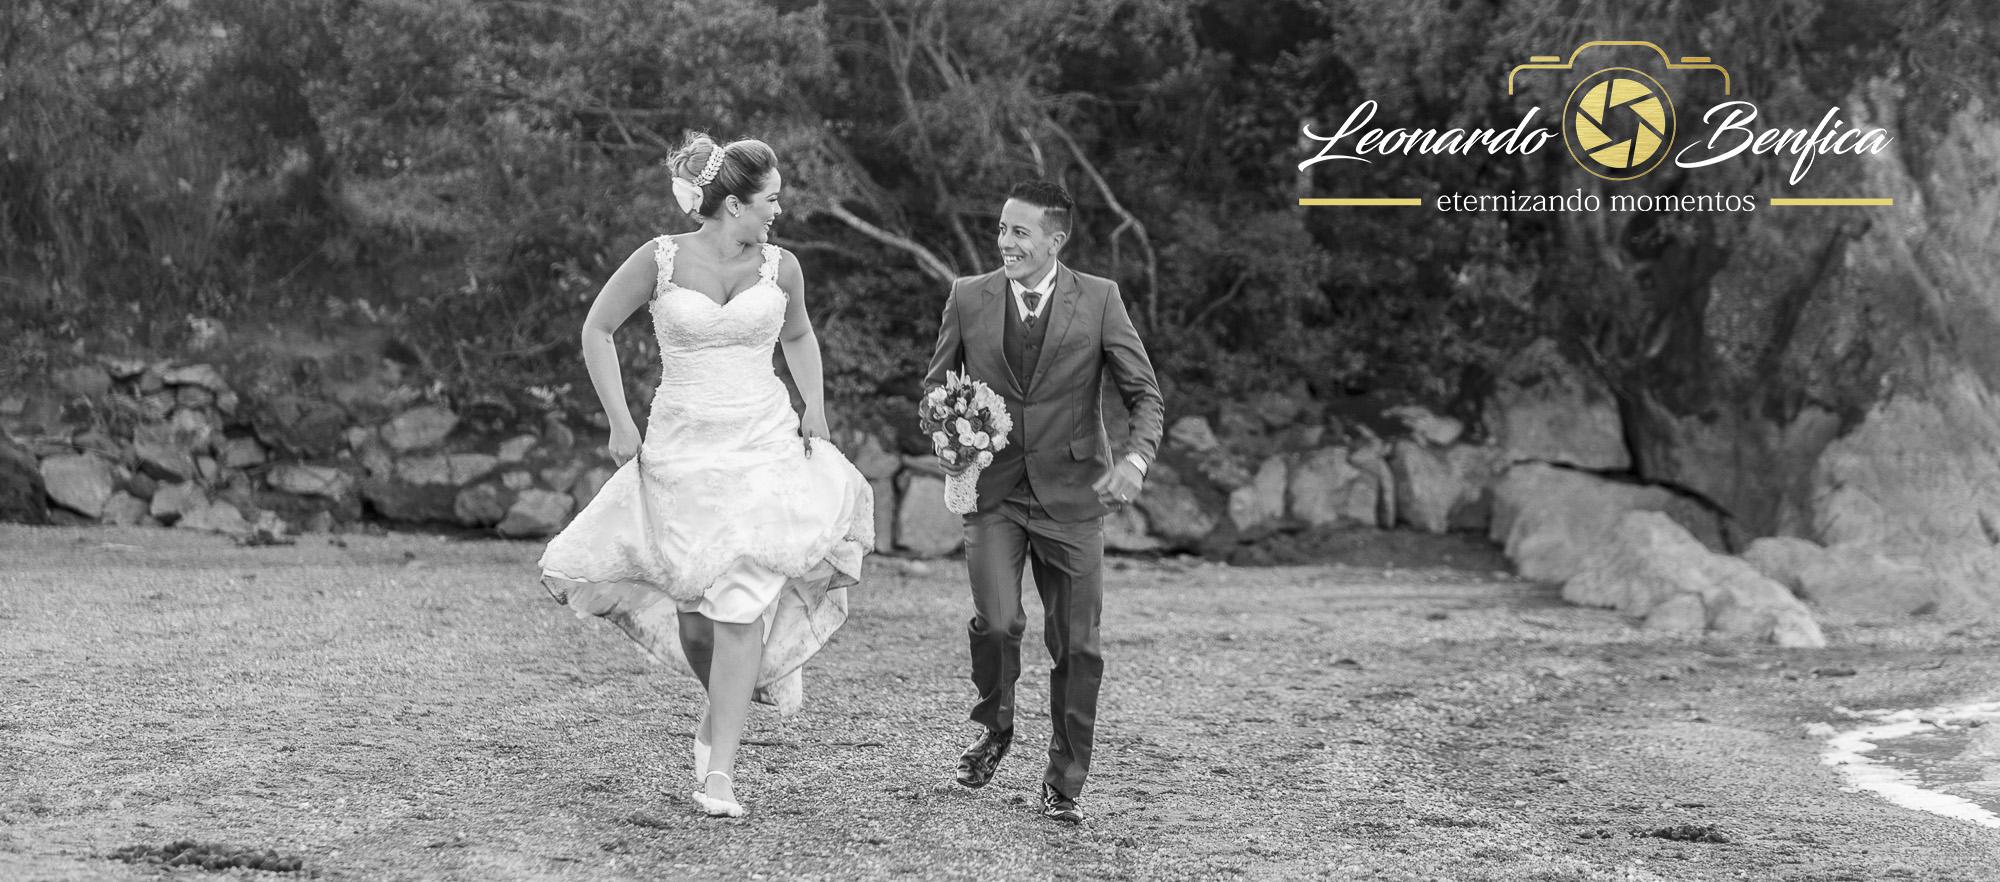 Contate fotografo de casamento e infantil em BH - Leonardo Benfica - BH/MG